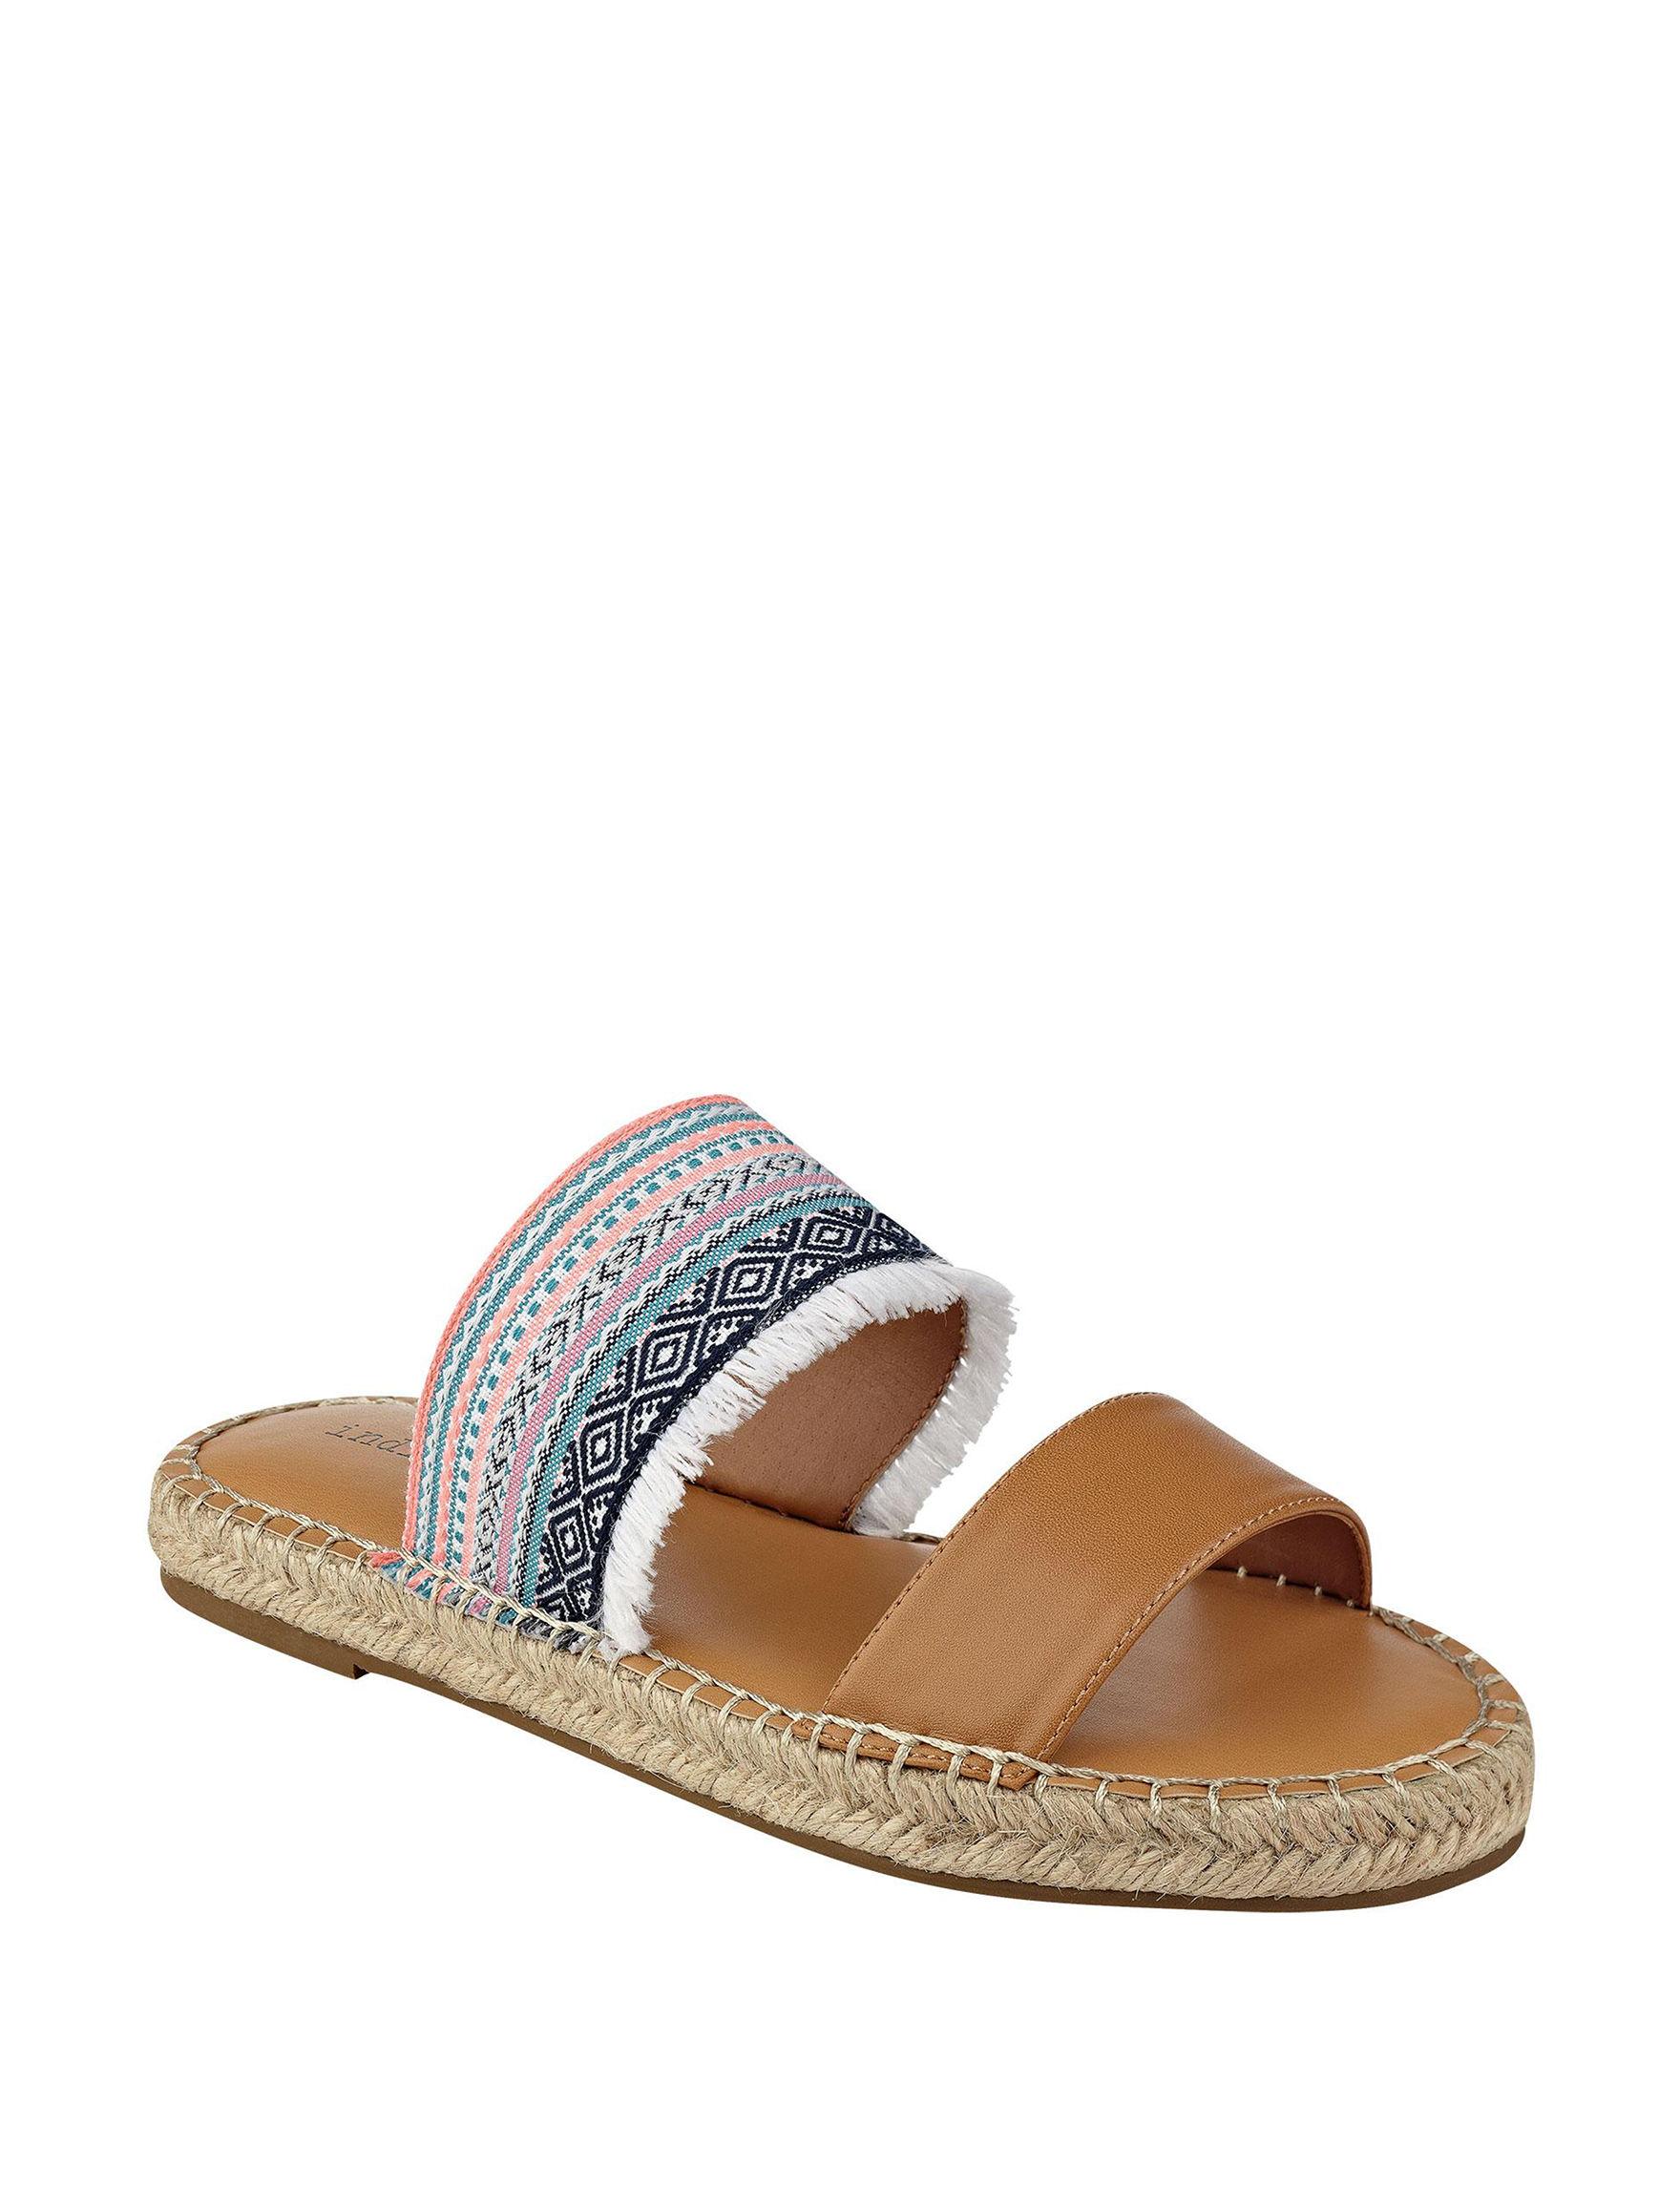 Indigo Rd. Pink Espadrille Flat Sandals